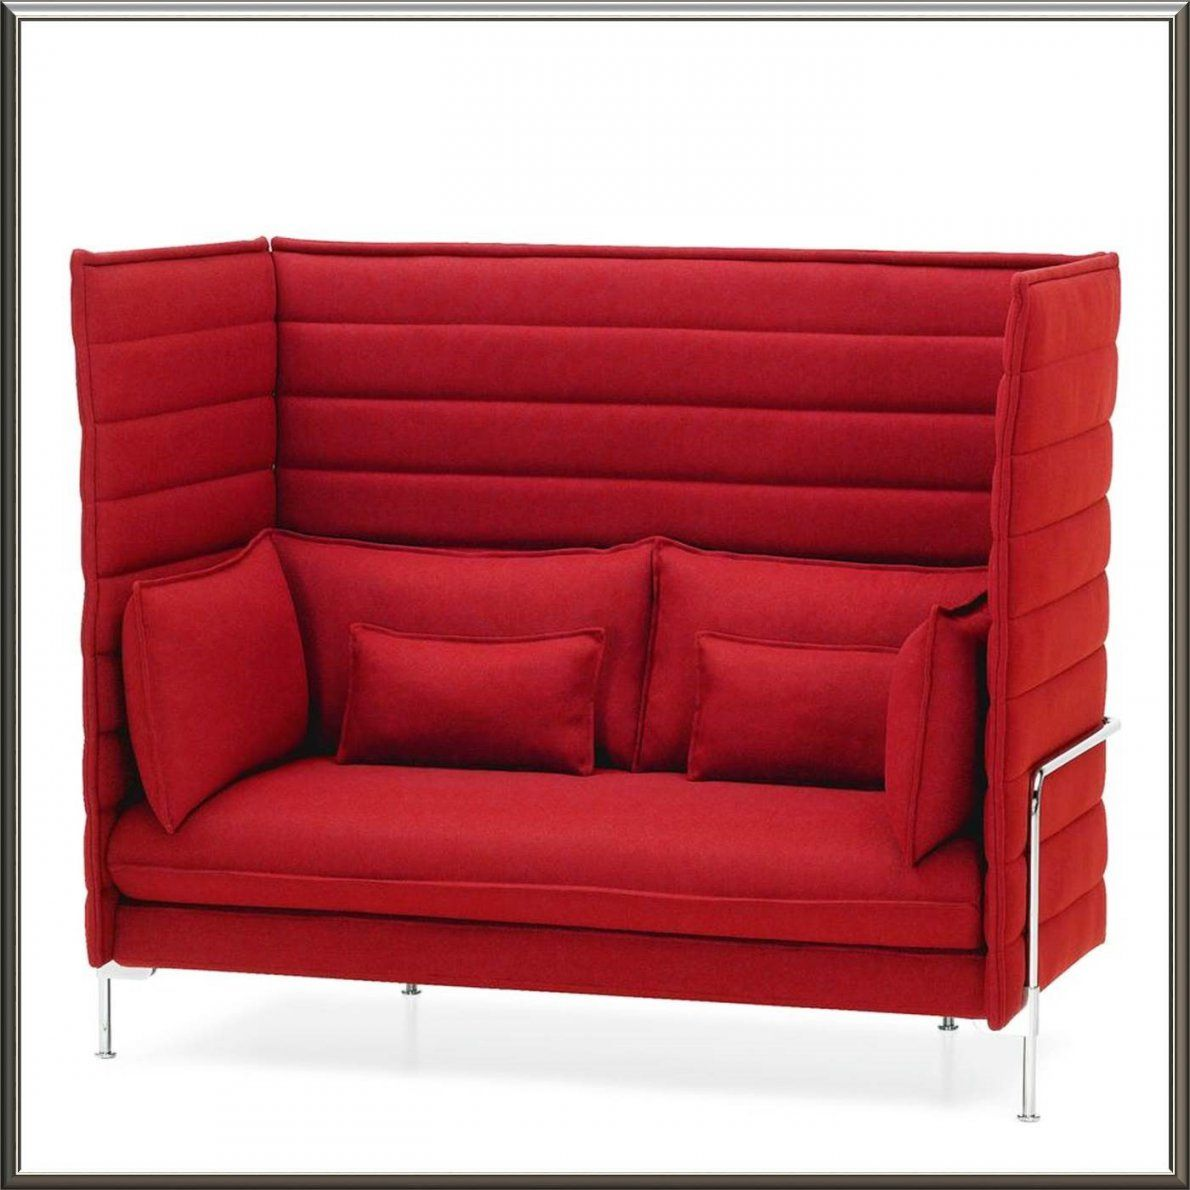 Eckcouch Neueste Eckcouch Hohe Lehne Ideen Neueste Vitra Sofa Hohe von Couch Mit Hoher Rückenlehne Photo